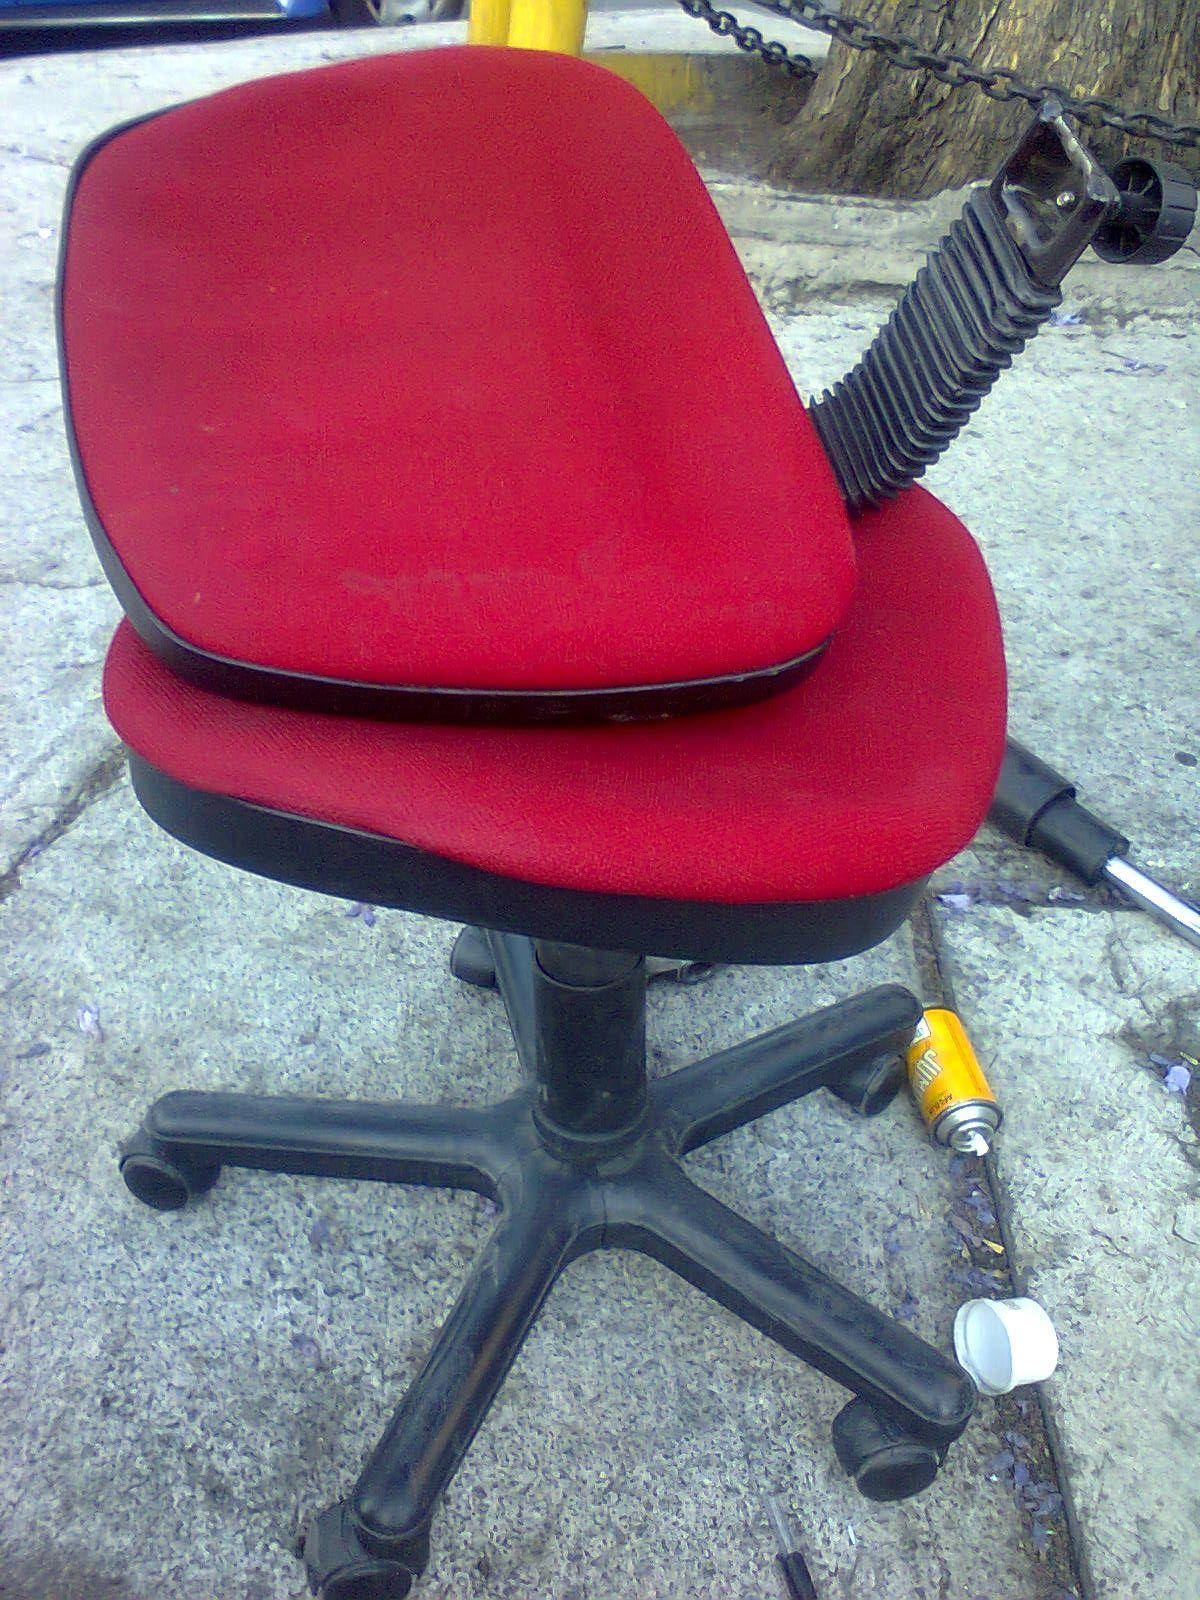 ergonomic chair kickstarter baby shower couch silla secretarial reparación de sillas oficina